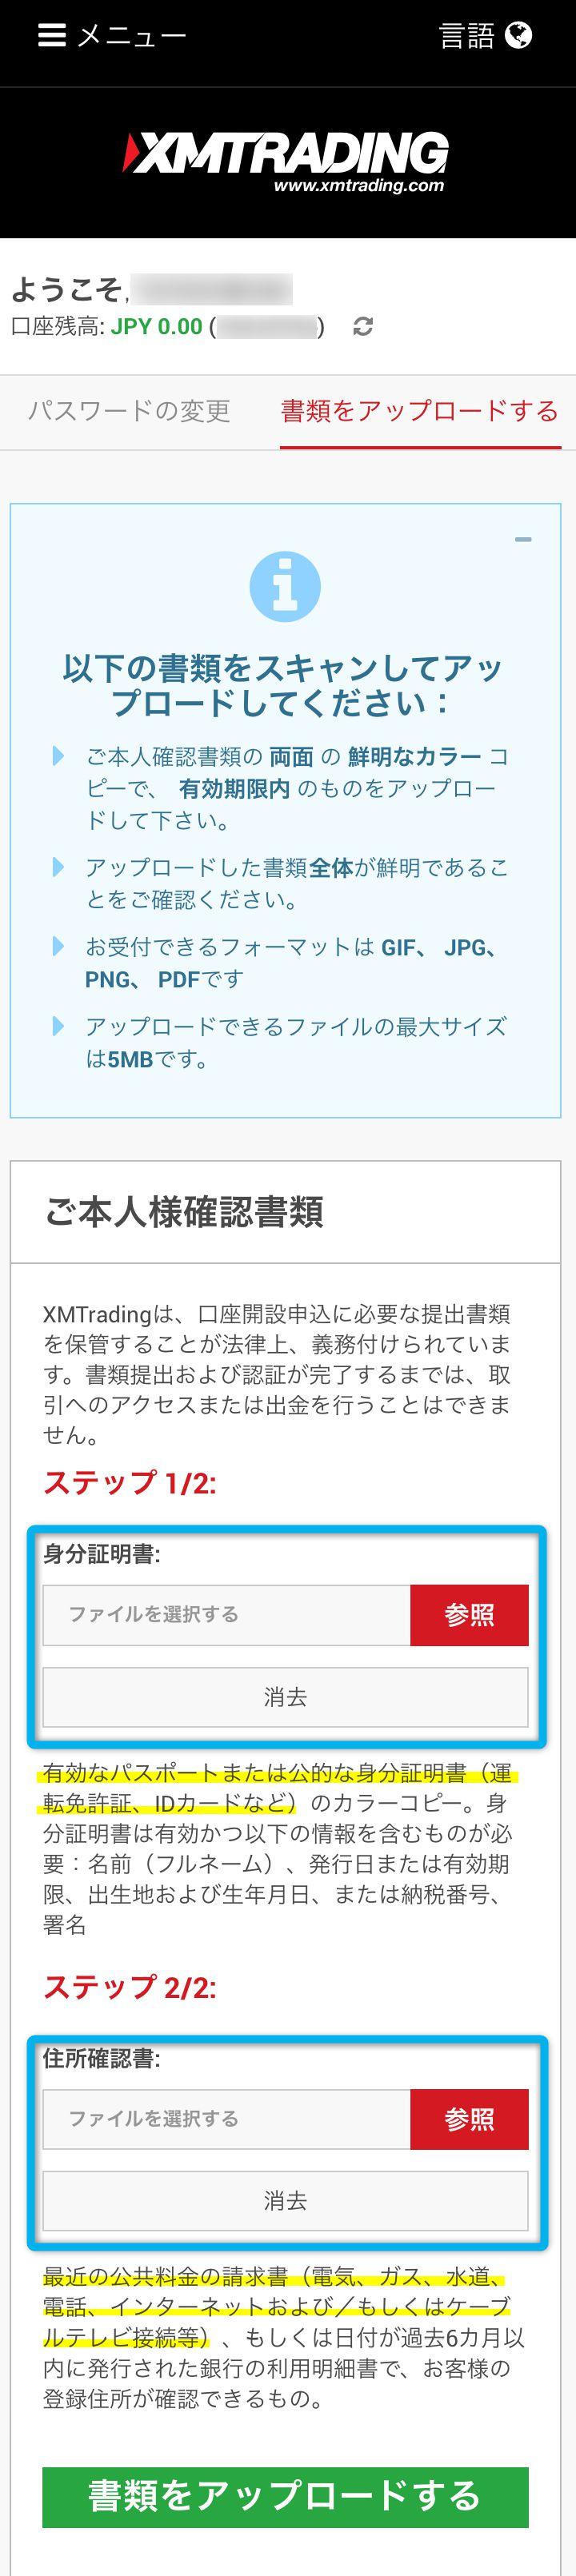 XM-必要書類アップロード(スマホ)